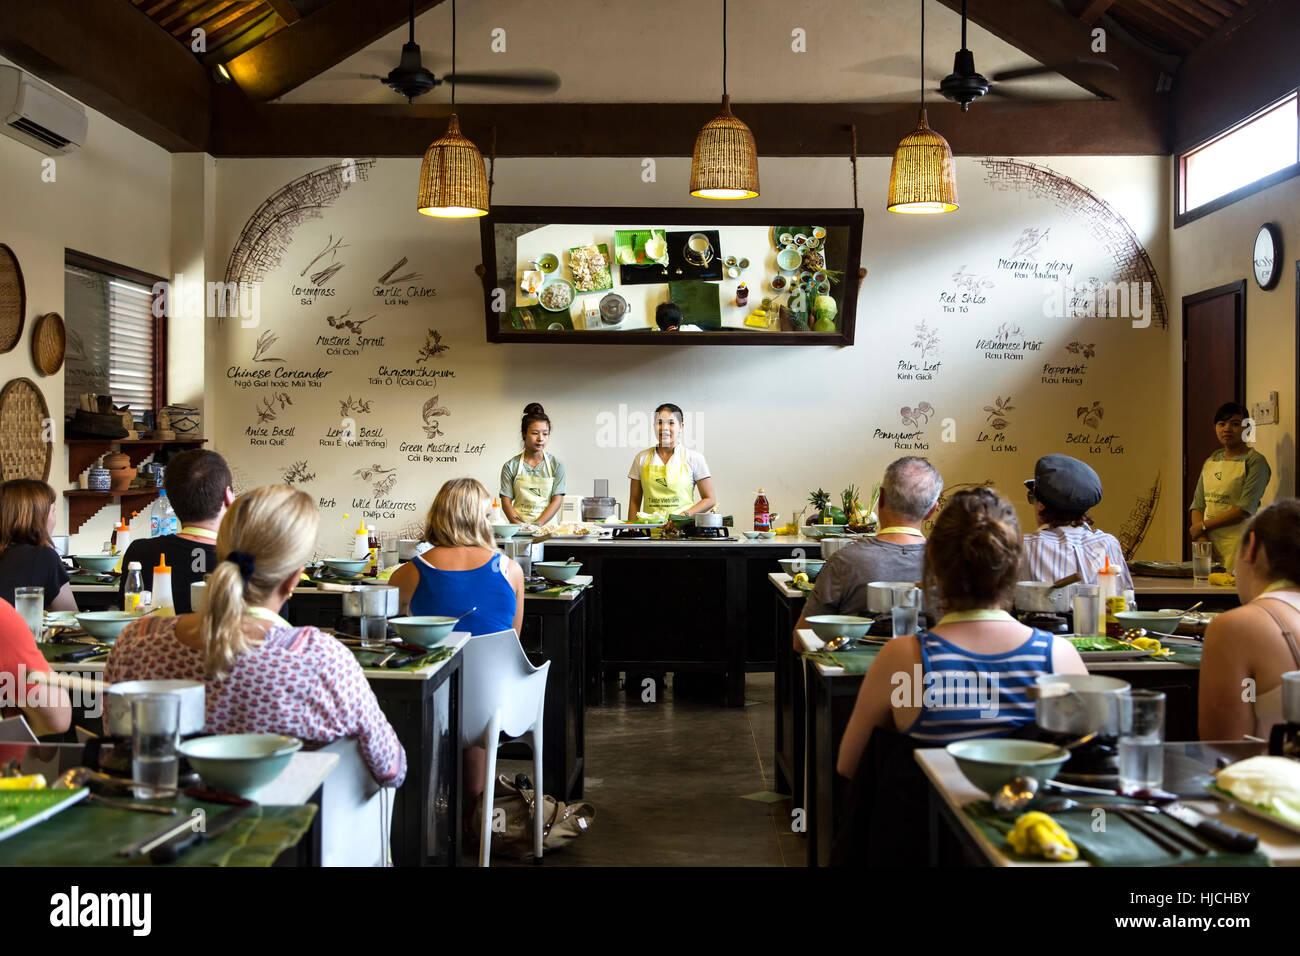 Aula, Miss Vy La Academia De Cocina De Mercado, Restaurante, Hoi An, Vietnam